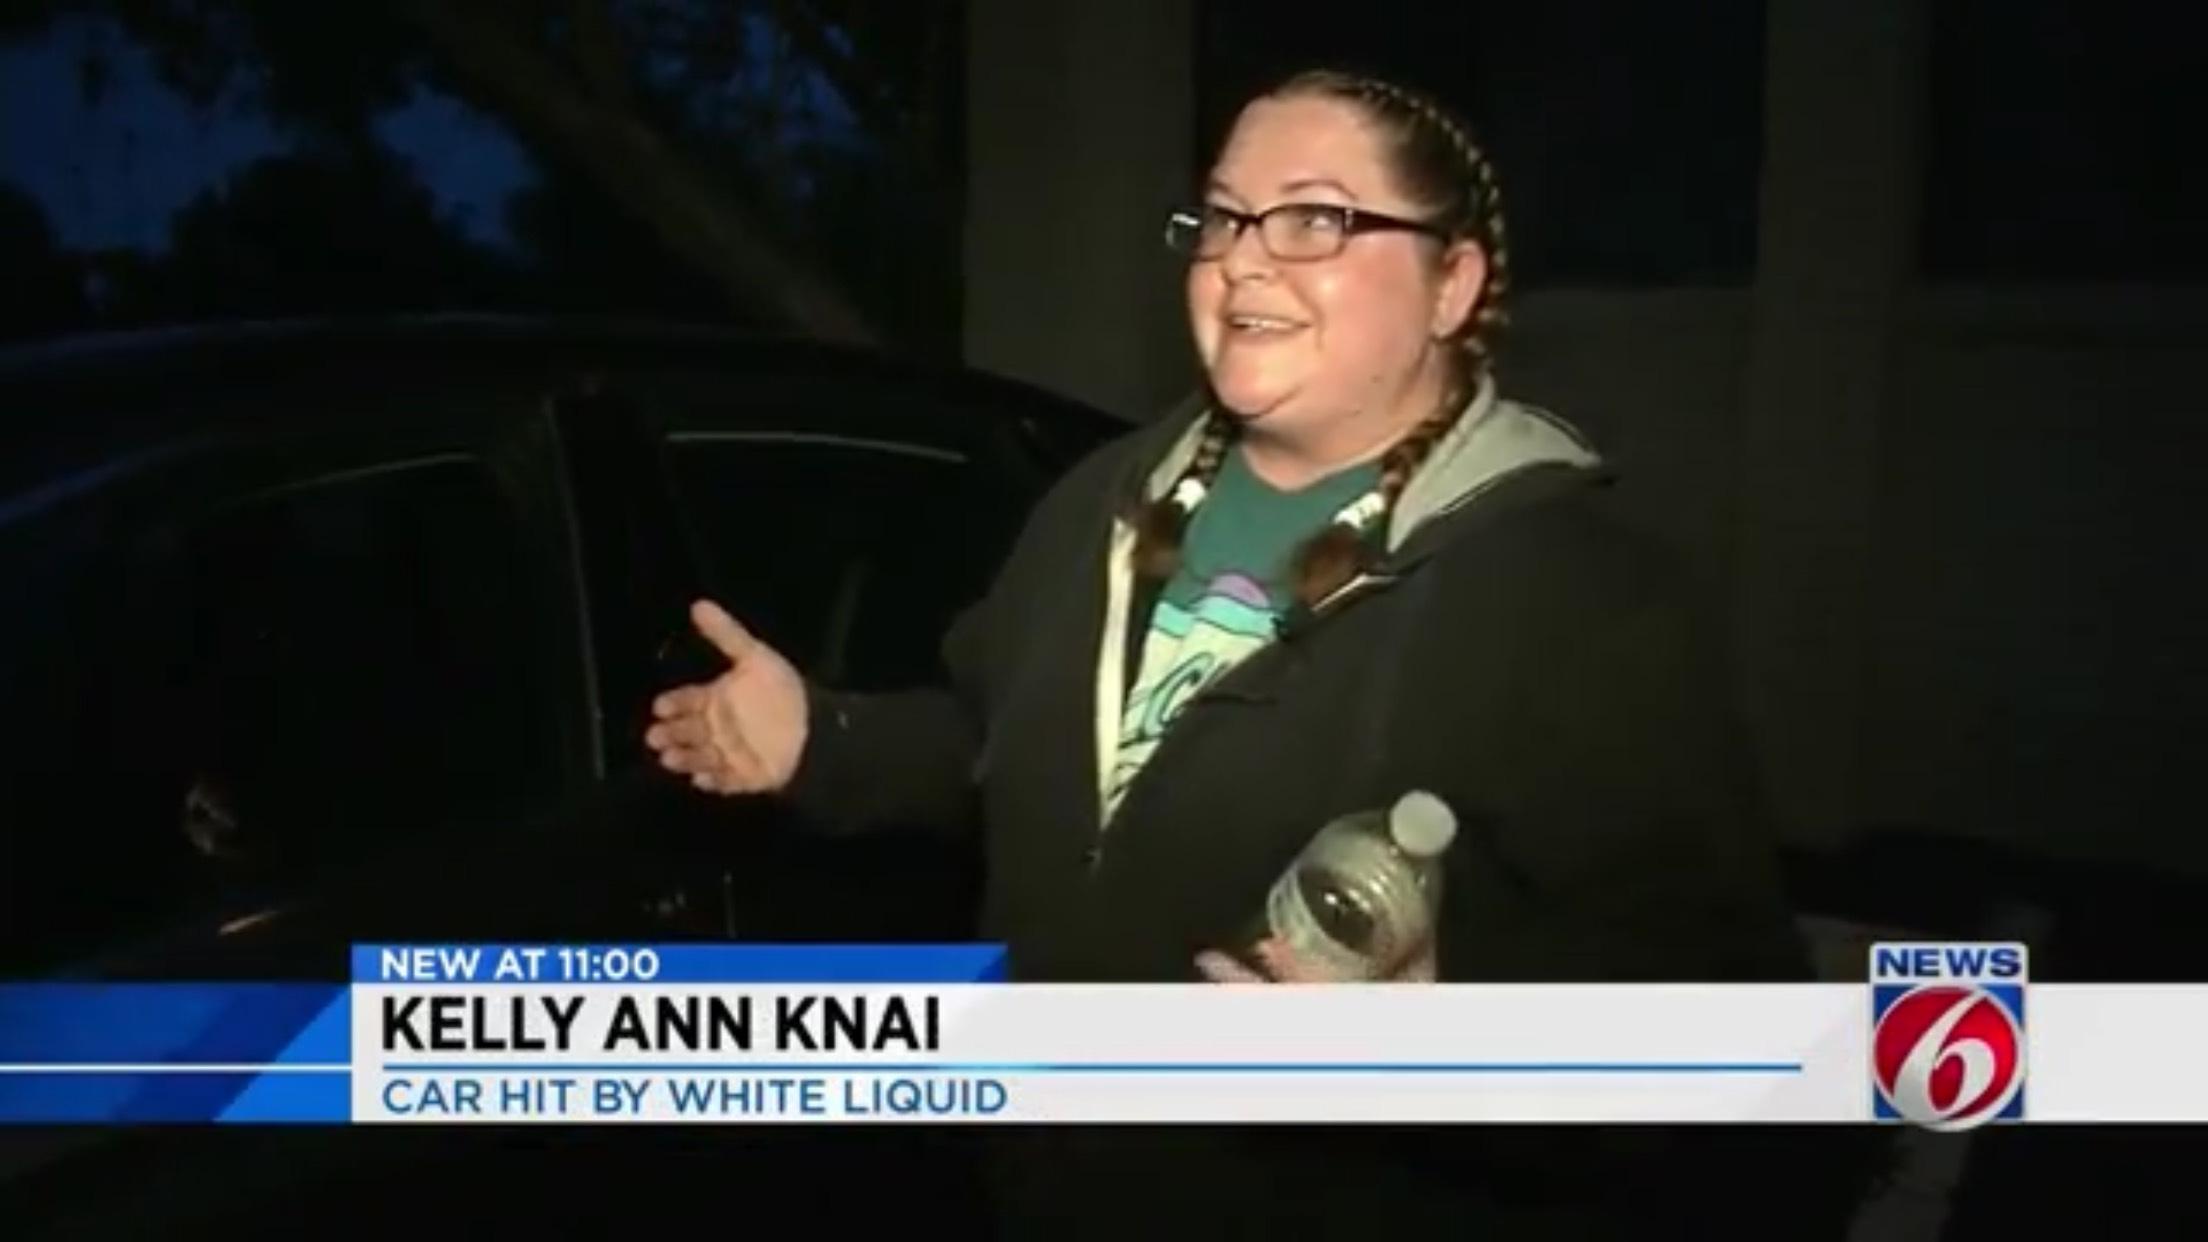 Kelly Ann Knai: Car Hit By White Liquid